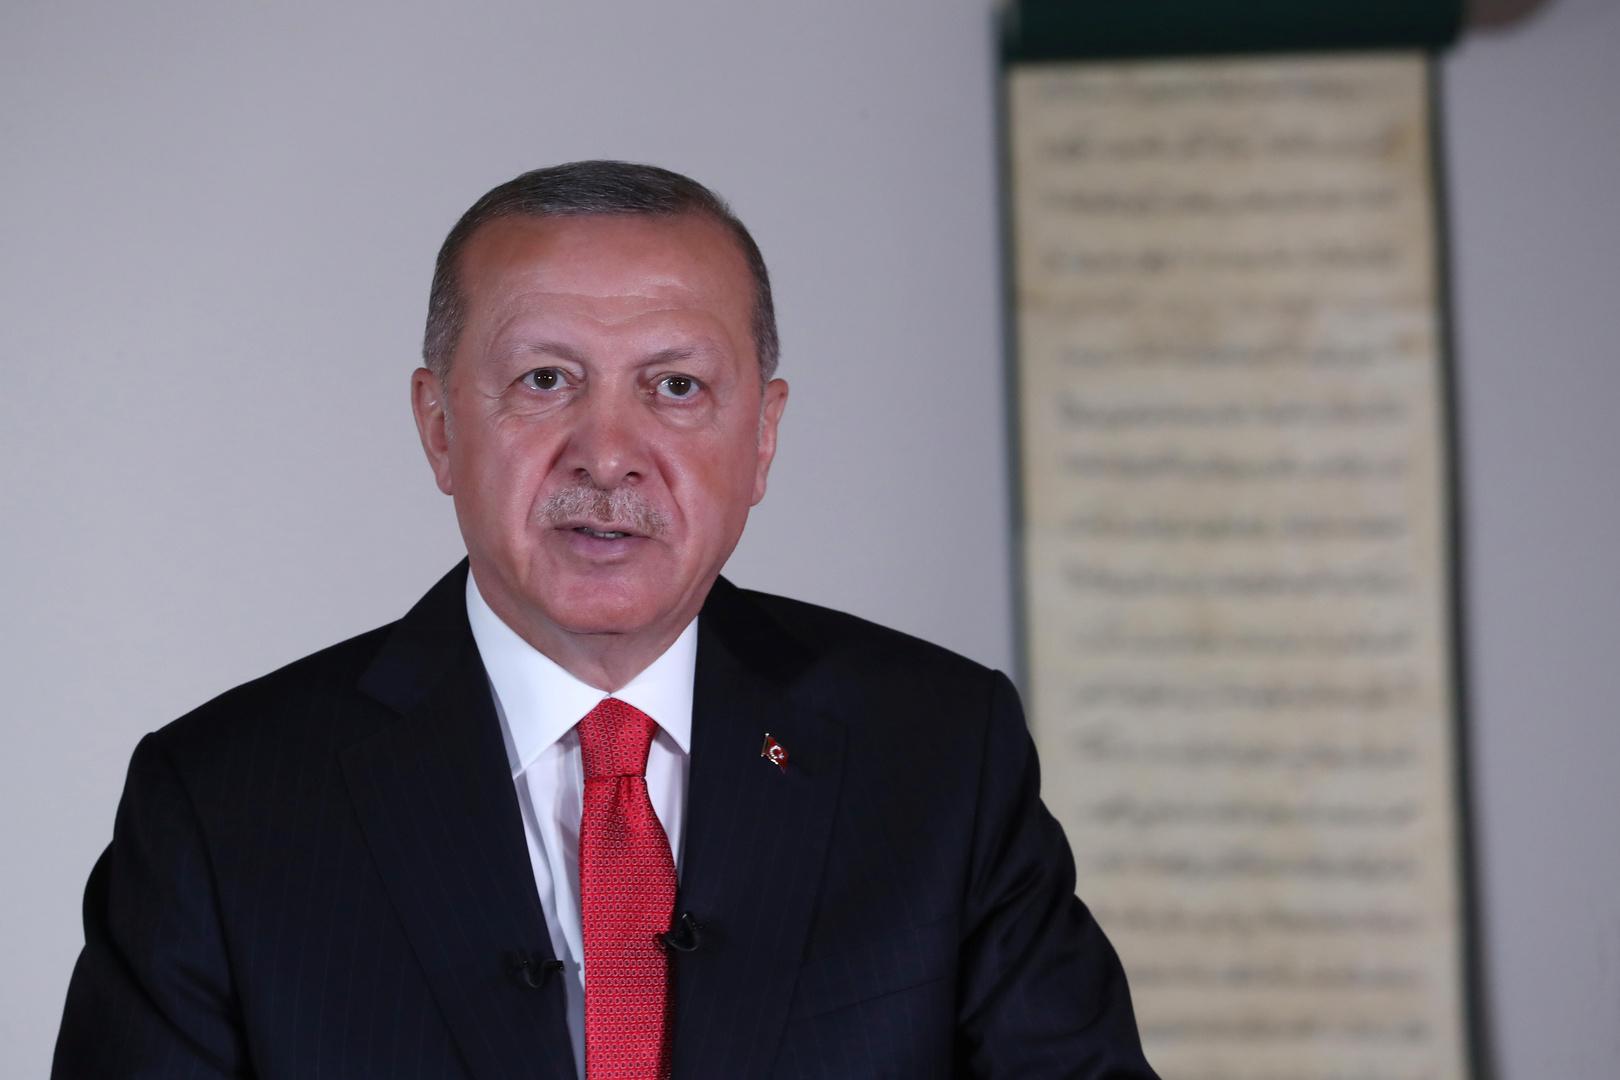 أردوغان شهر خنجره: تركيا أدخلت قوات إلى أذربيجان